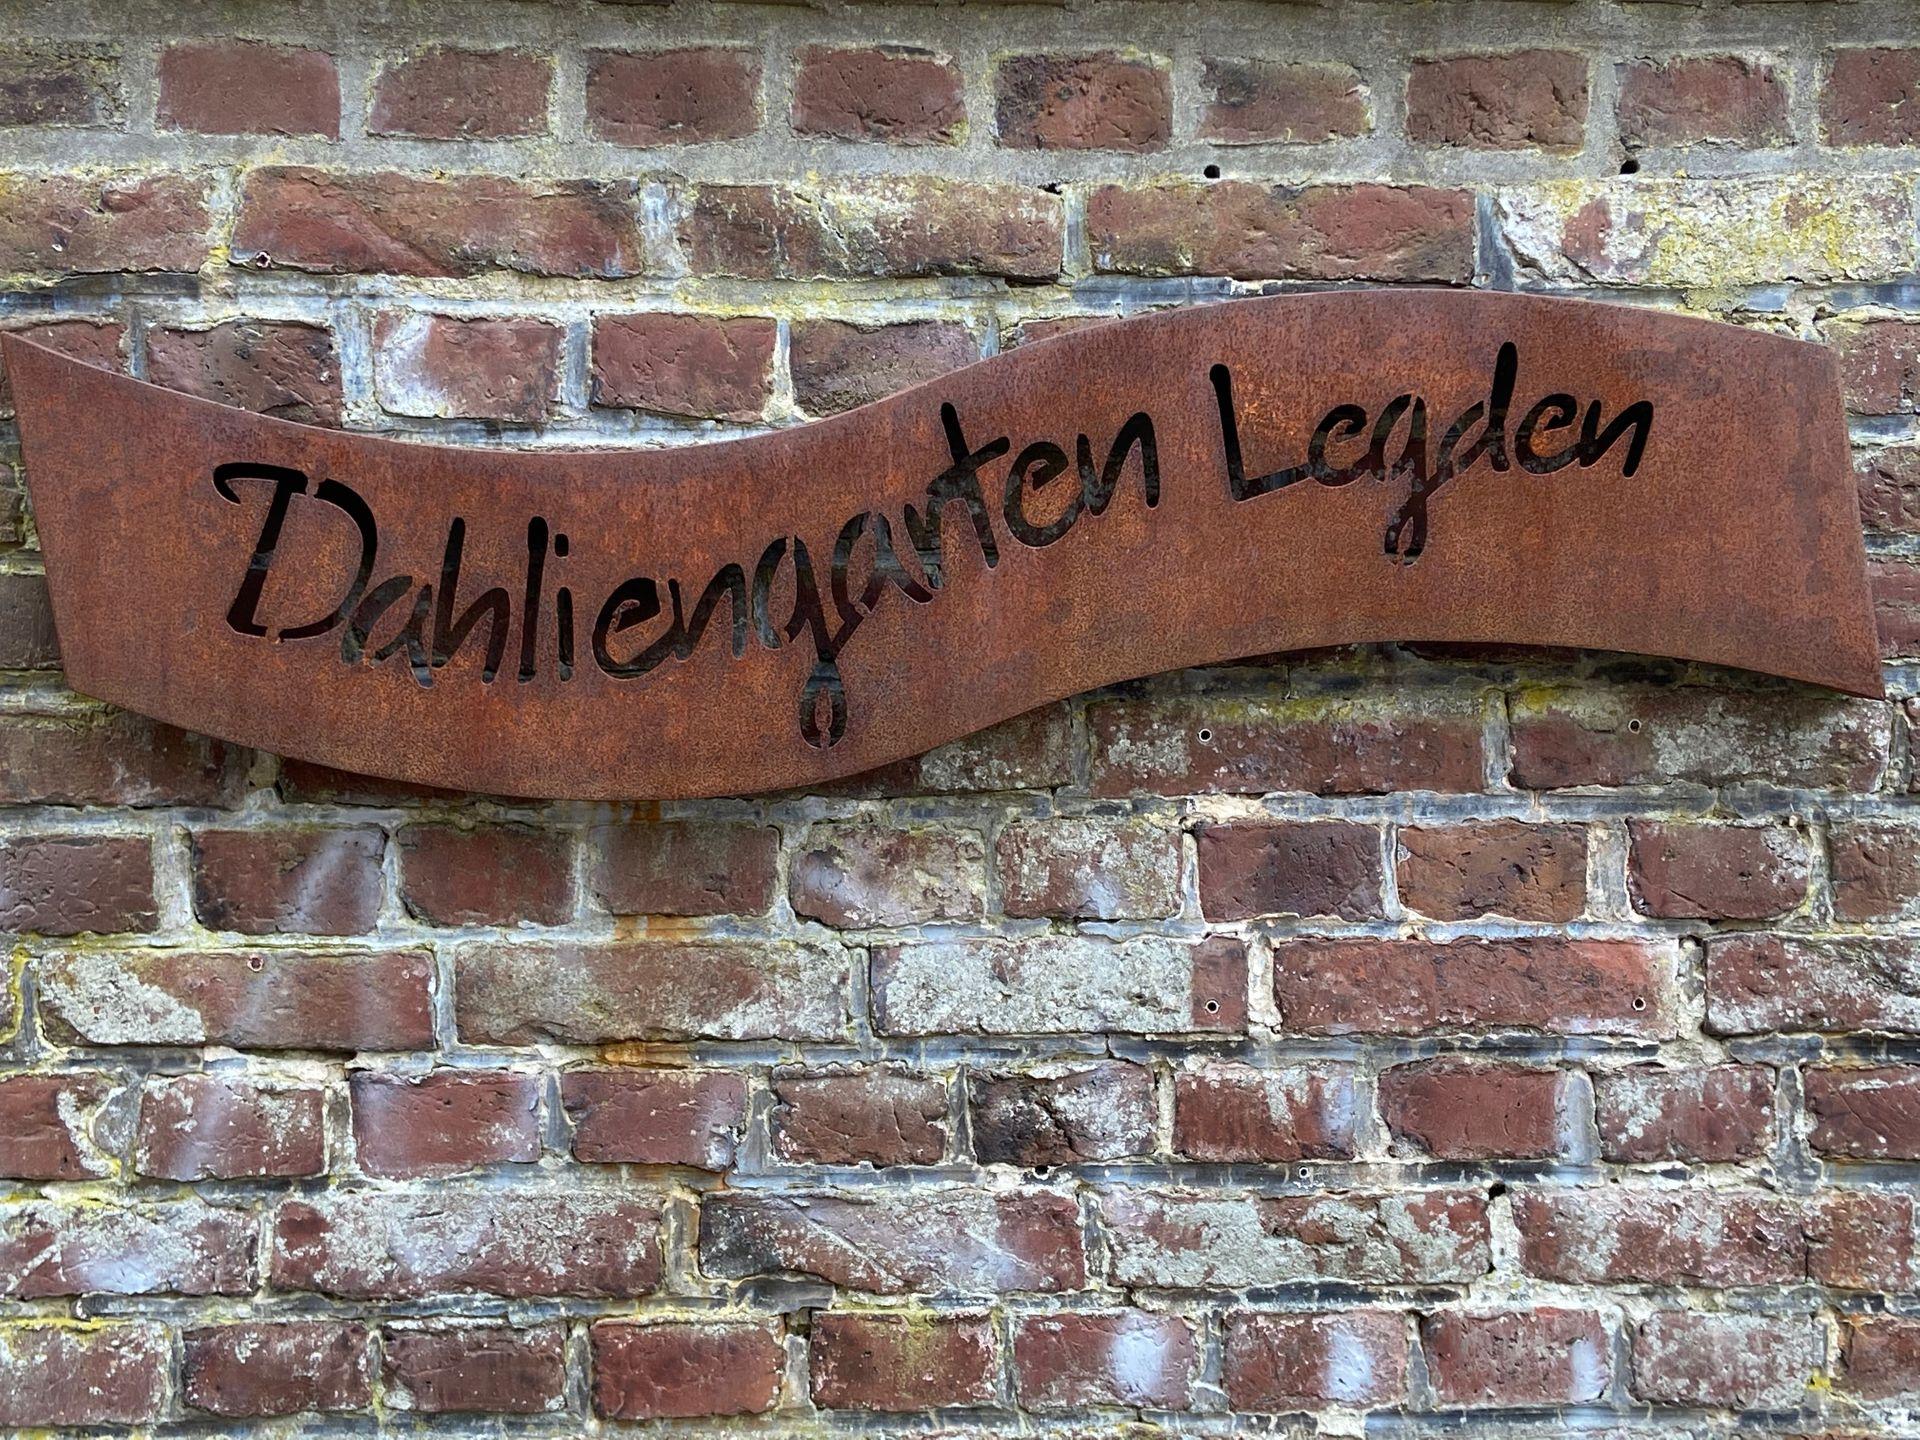 Dahliengarten - Dahliengarten Legden